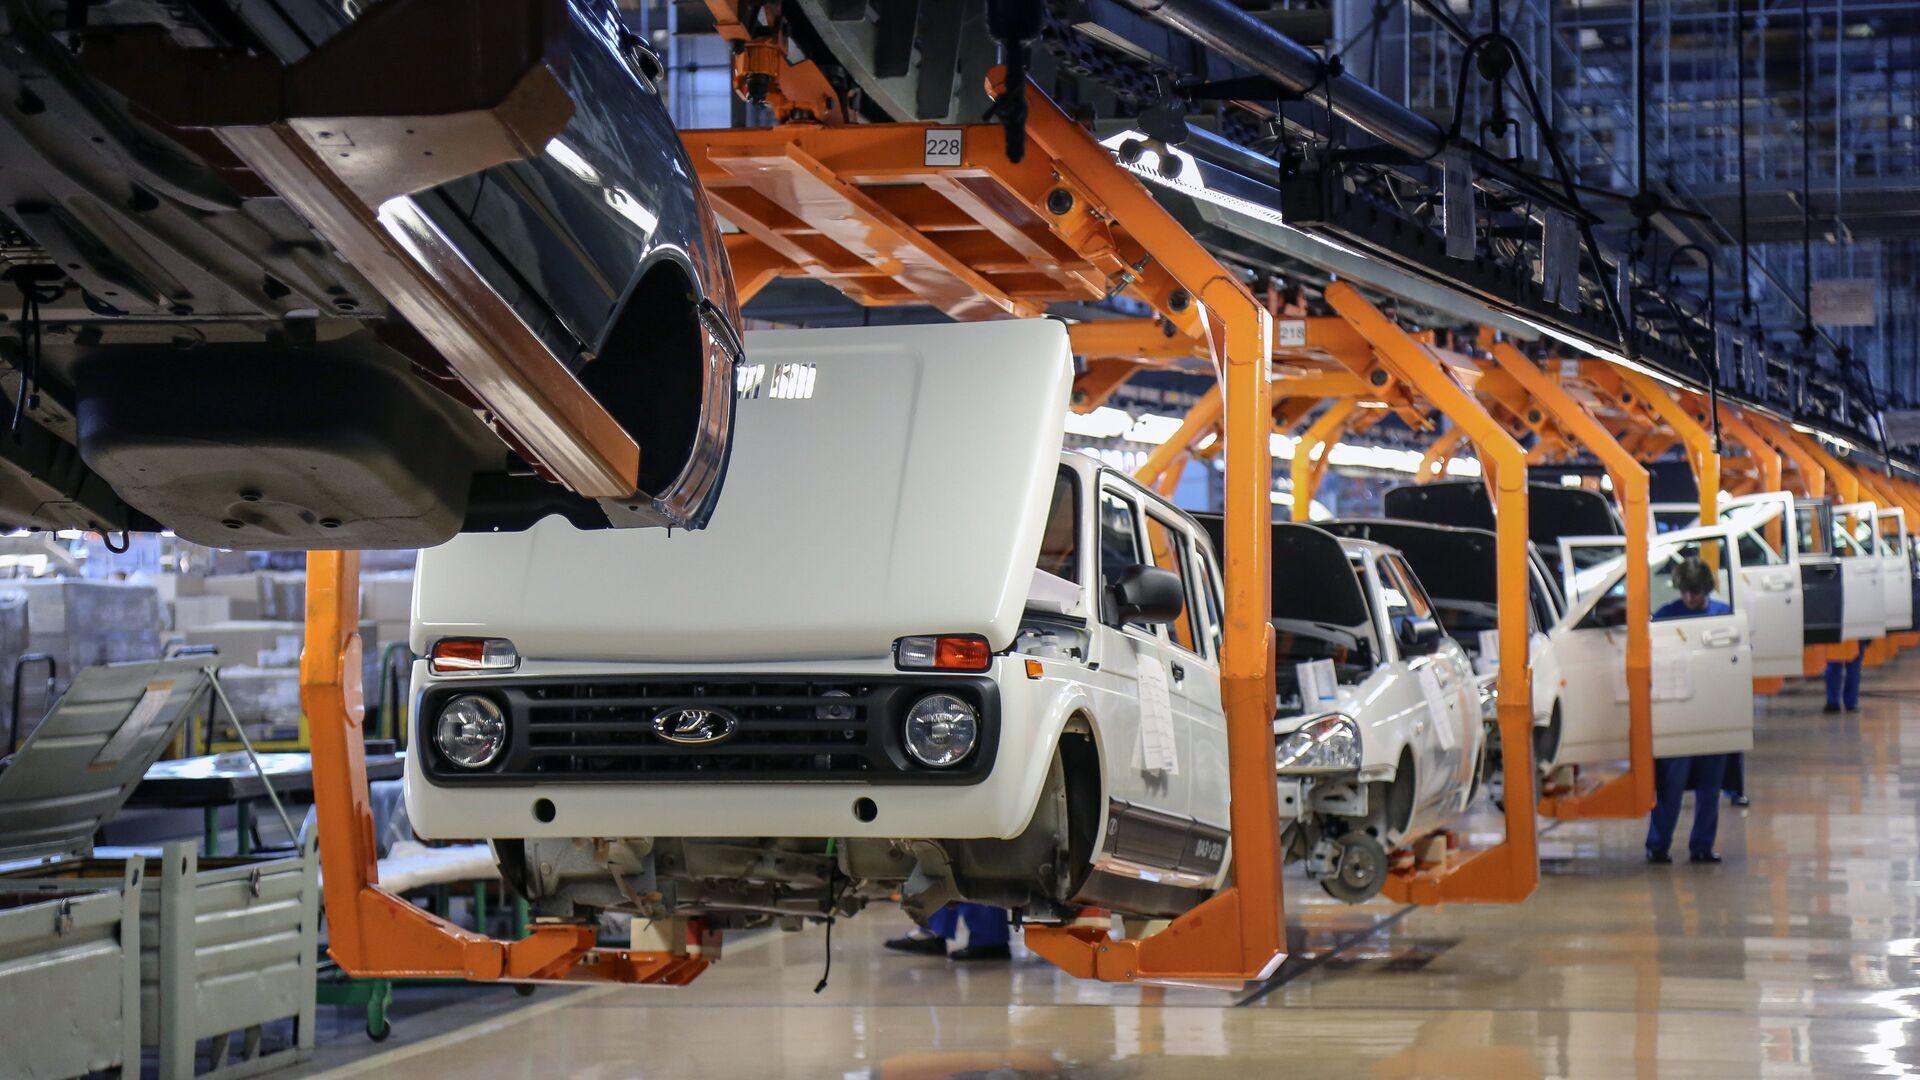 """Российская Lada Niva """"уделает"""" более дорогие авто, заявили в Болгарии"""